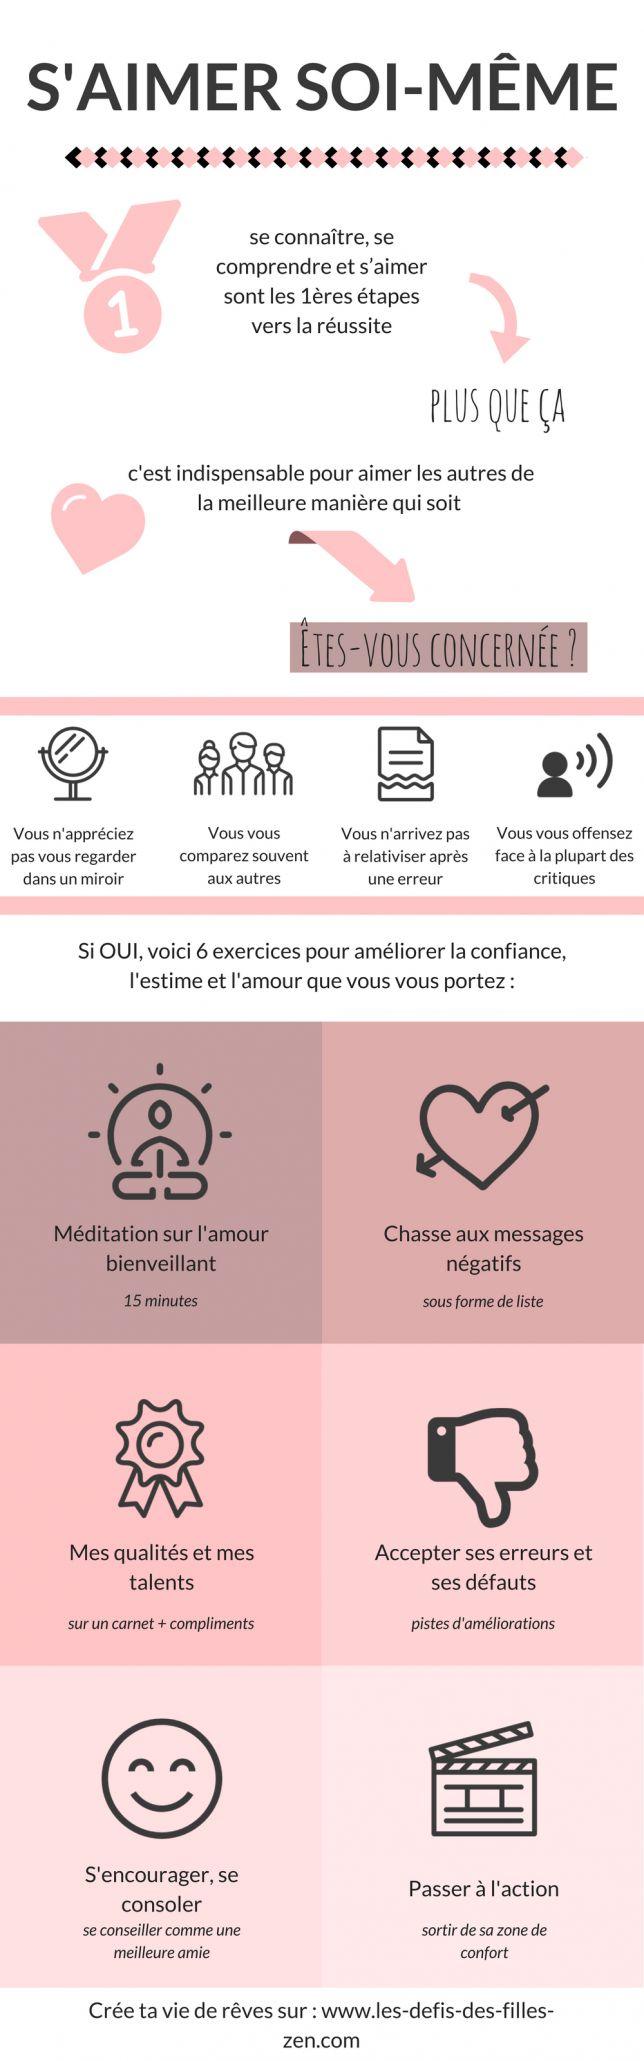 Infographie S'aimer soi-même